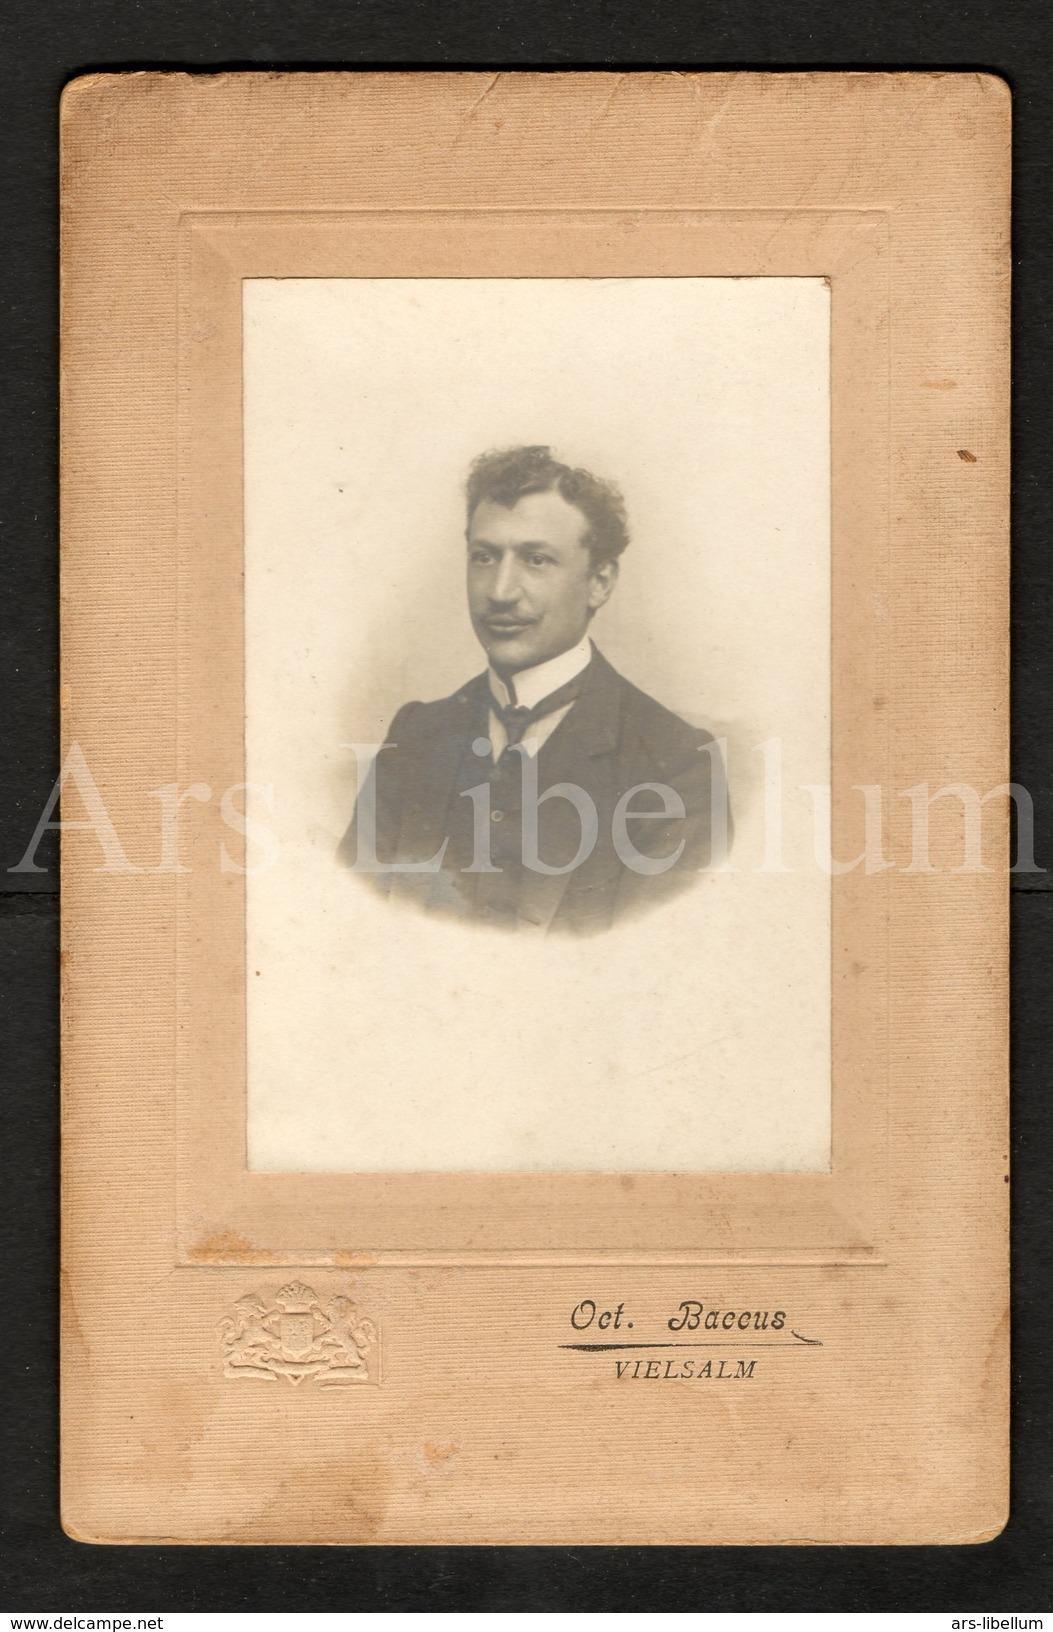 Cabinet Card / Photo De Cabinet / Kabinet Foto / Homme / Man / Photo Oct. Baccus / Vielsalm / Belgique - Fotos